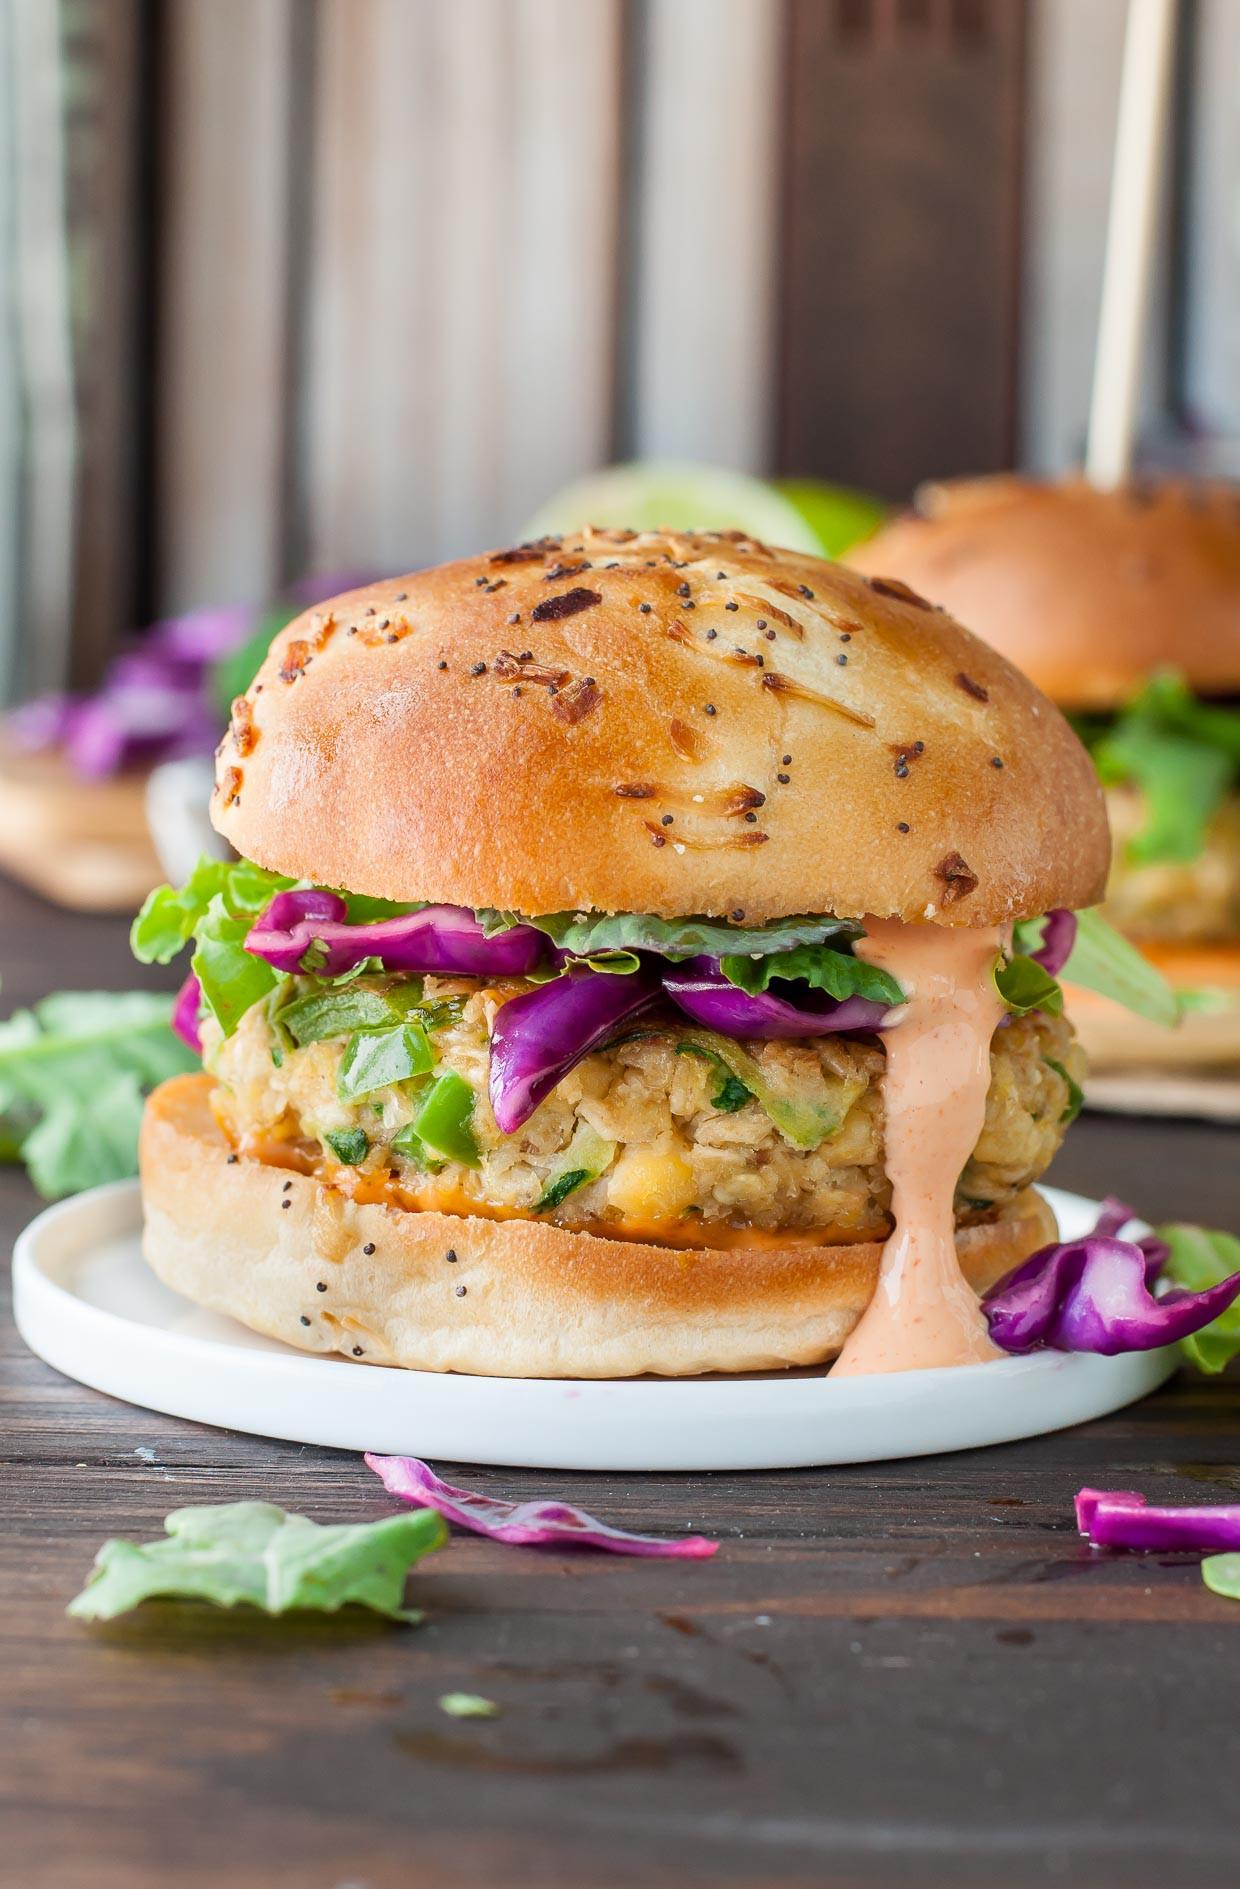 Vegan Burger Recipes  15 Recipes to Kick Up Your Summer Burger Game